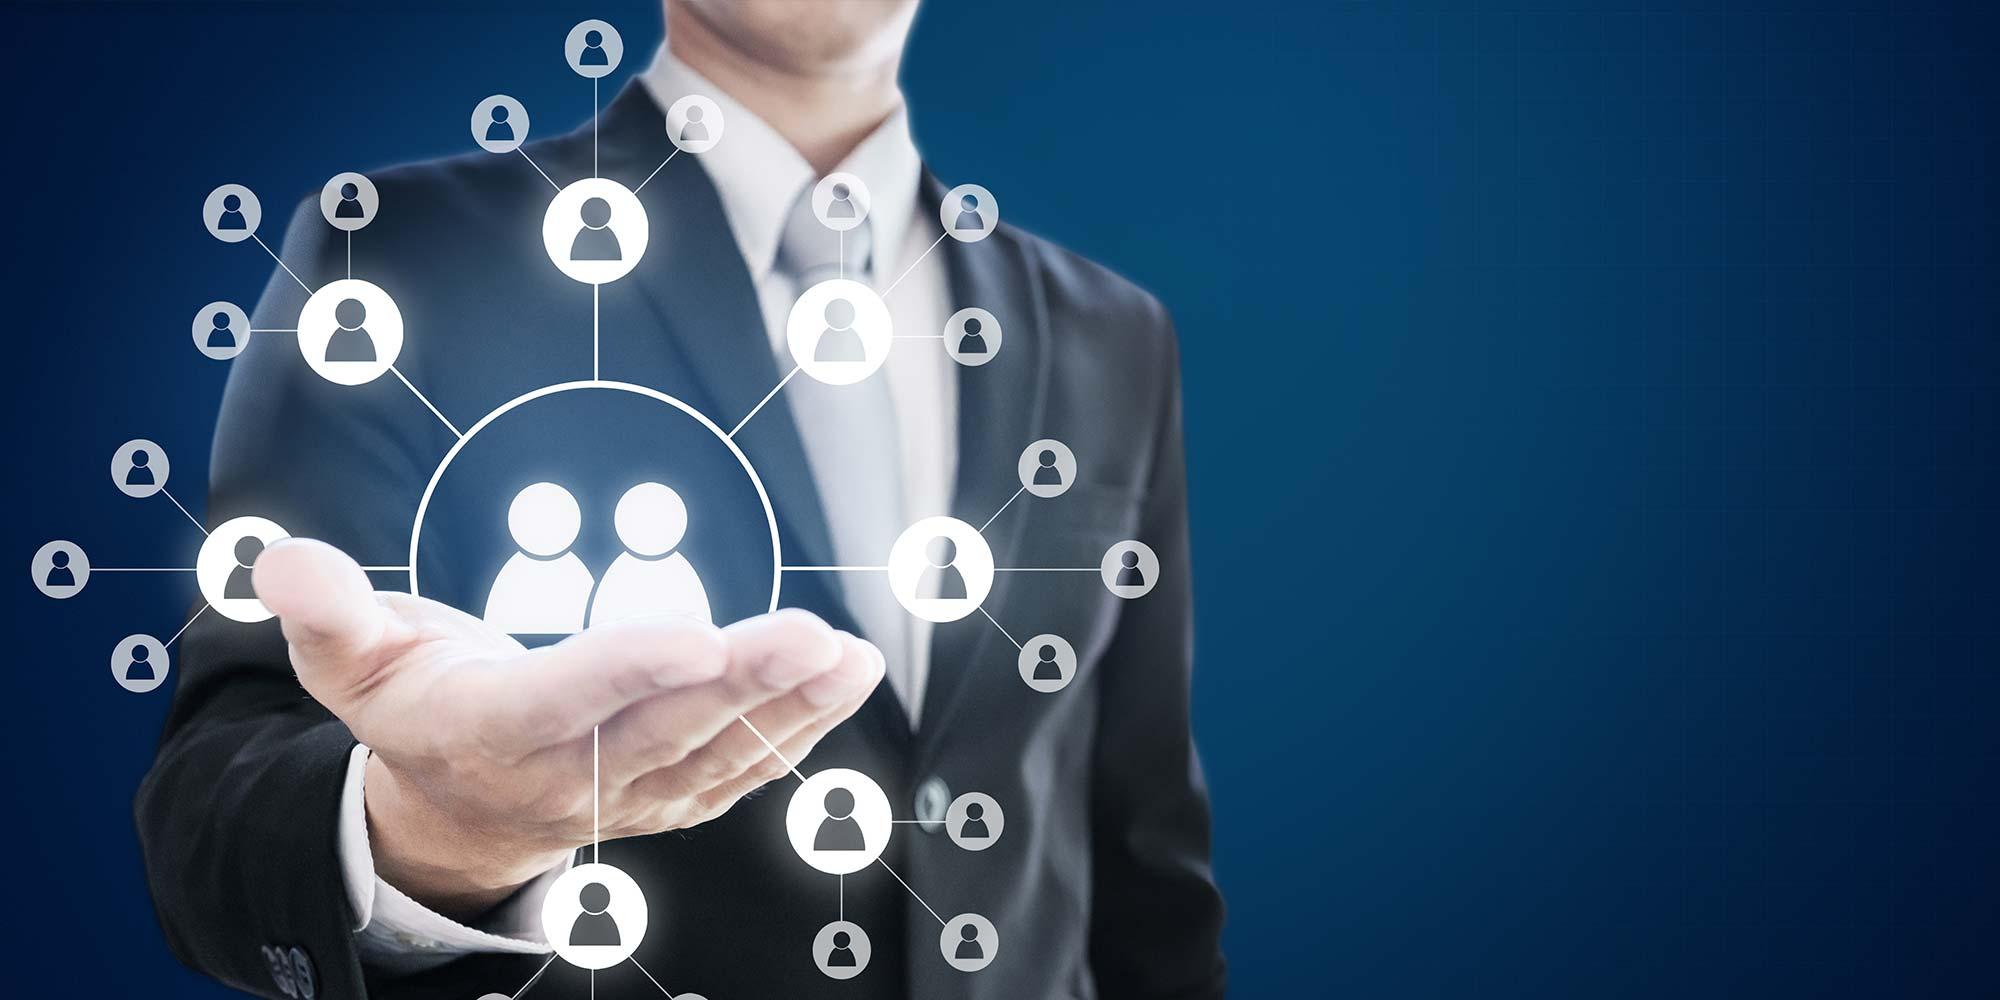 6 Dicas para advogados adotarem boas práticas de networking.